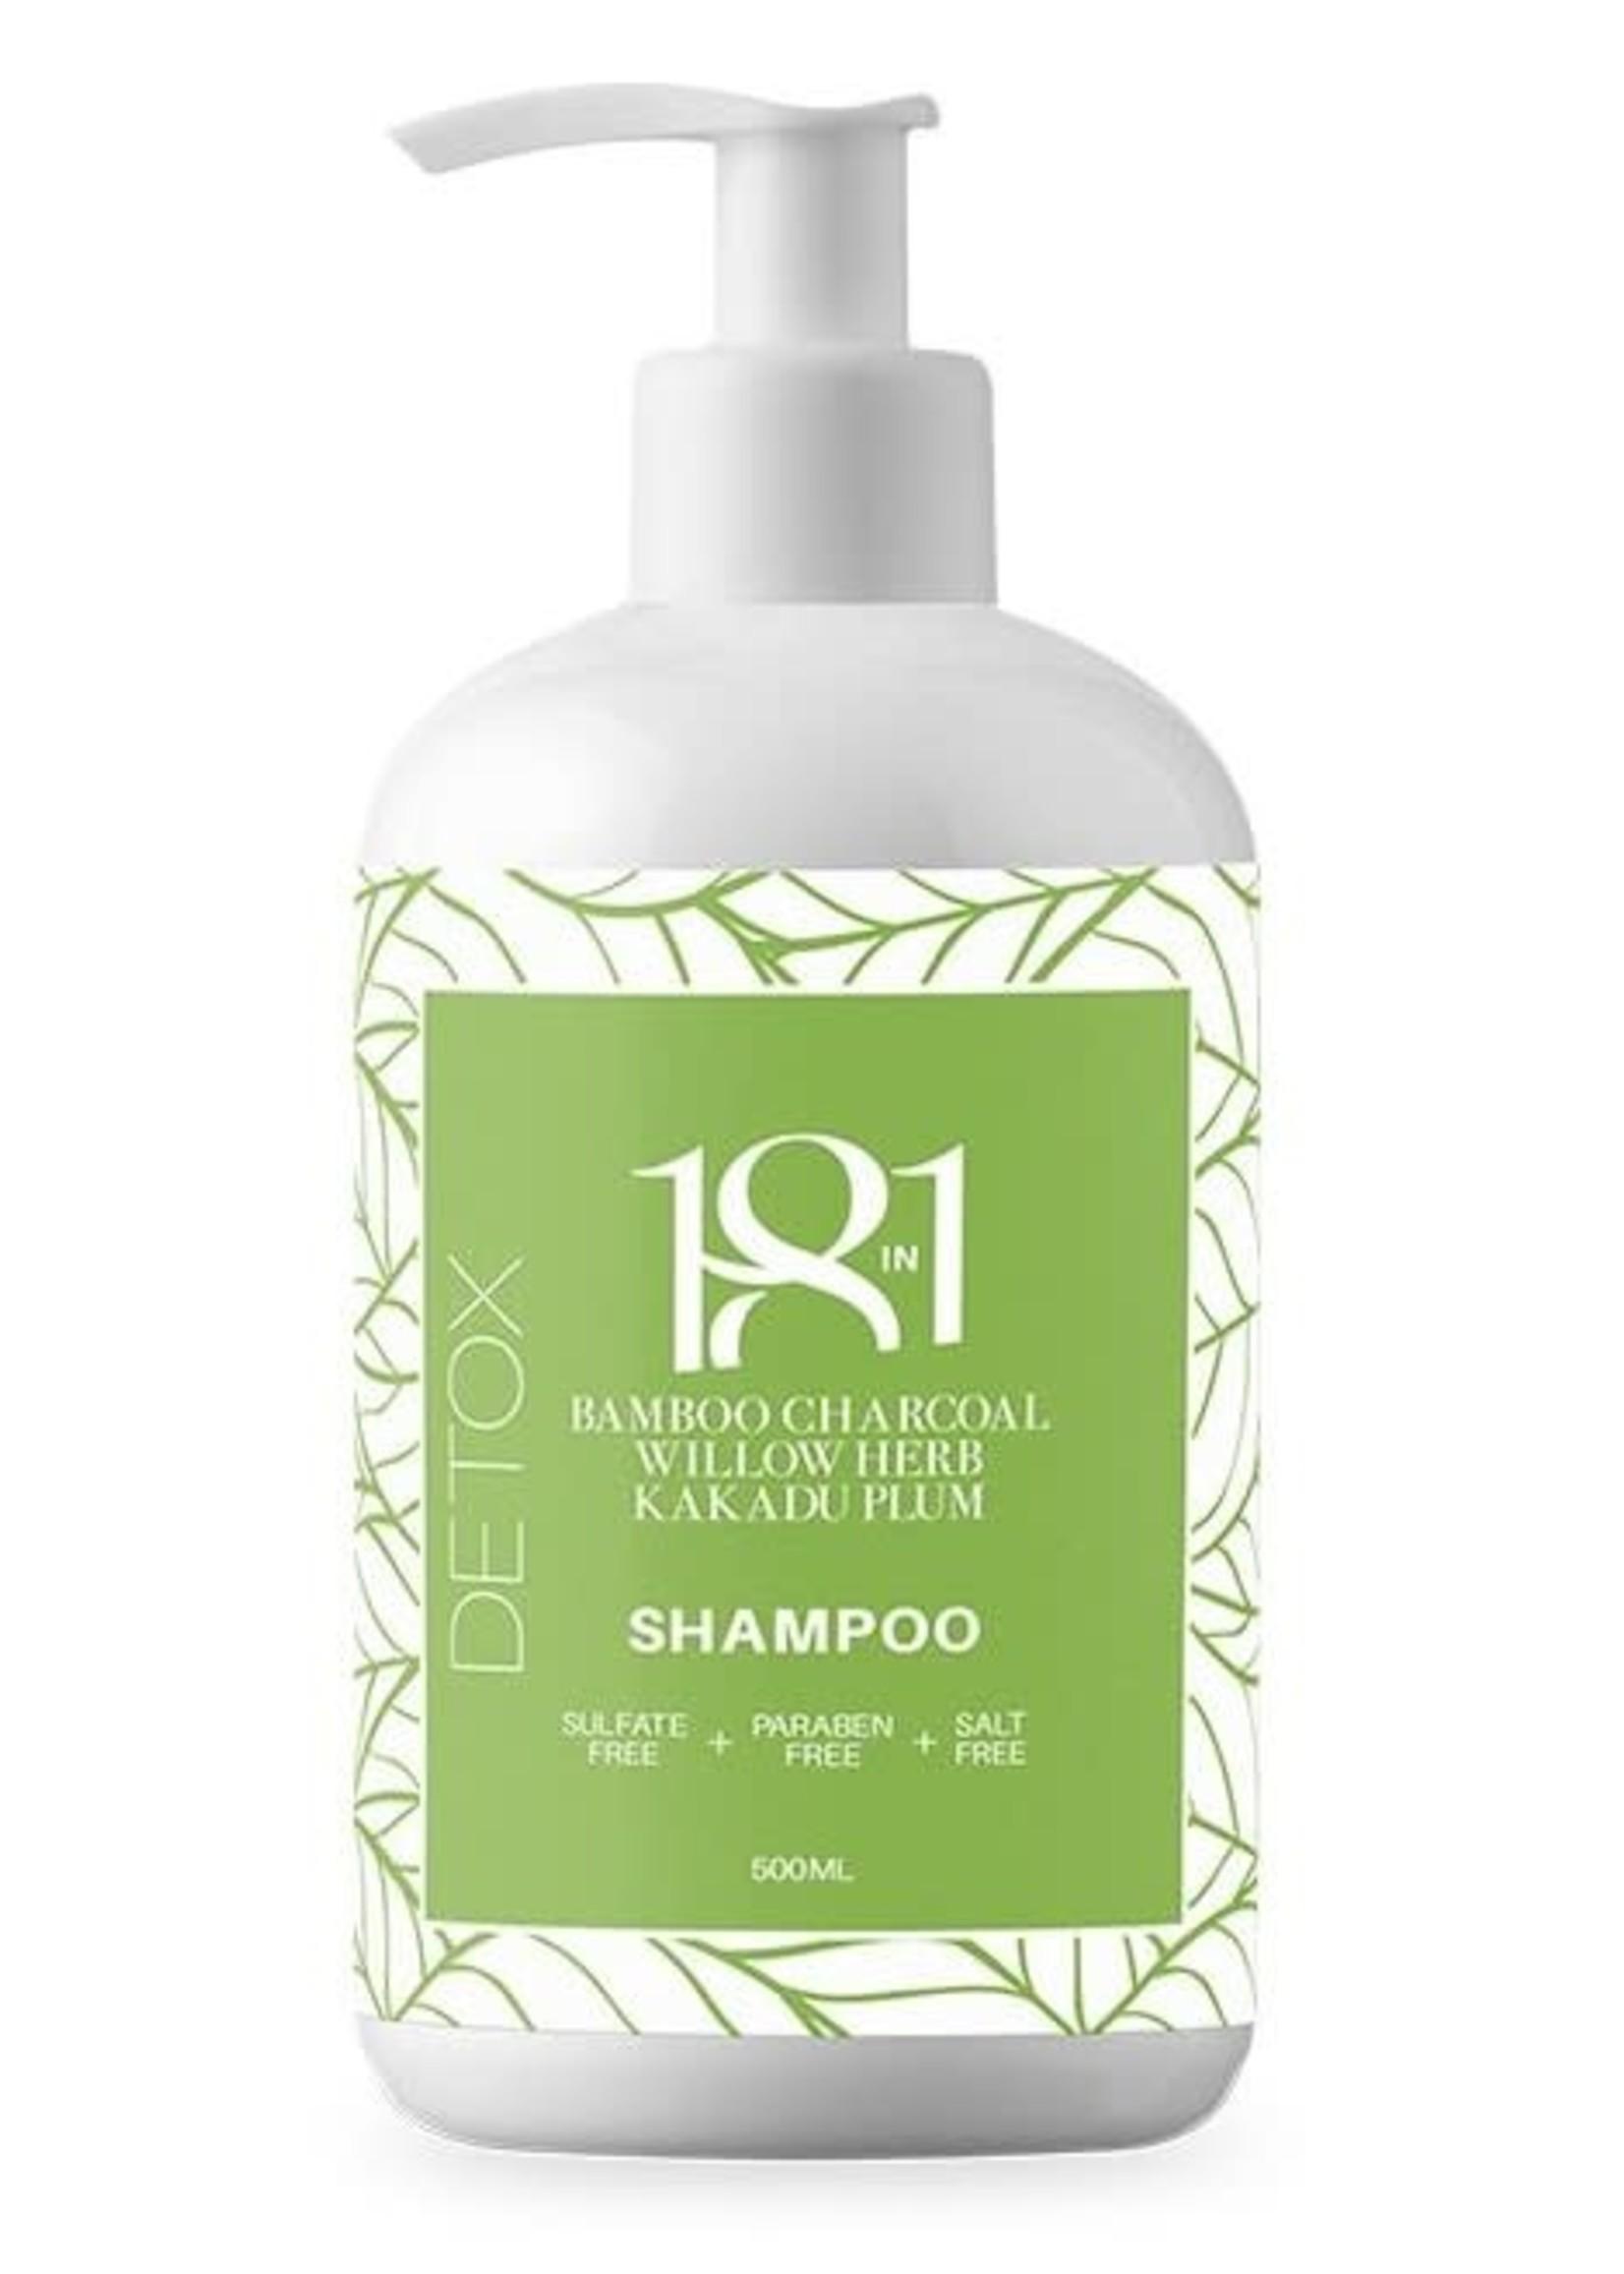 18 in 1 Detox Bamboo Charcoal Shampoo 500ml